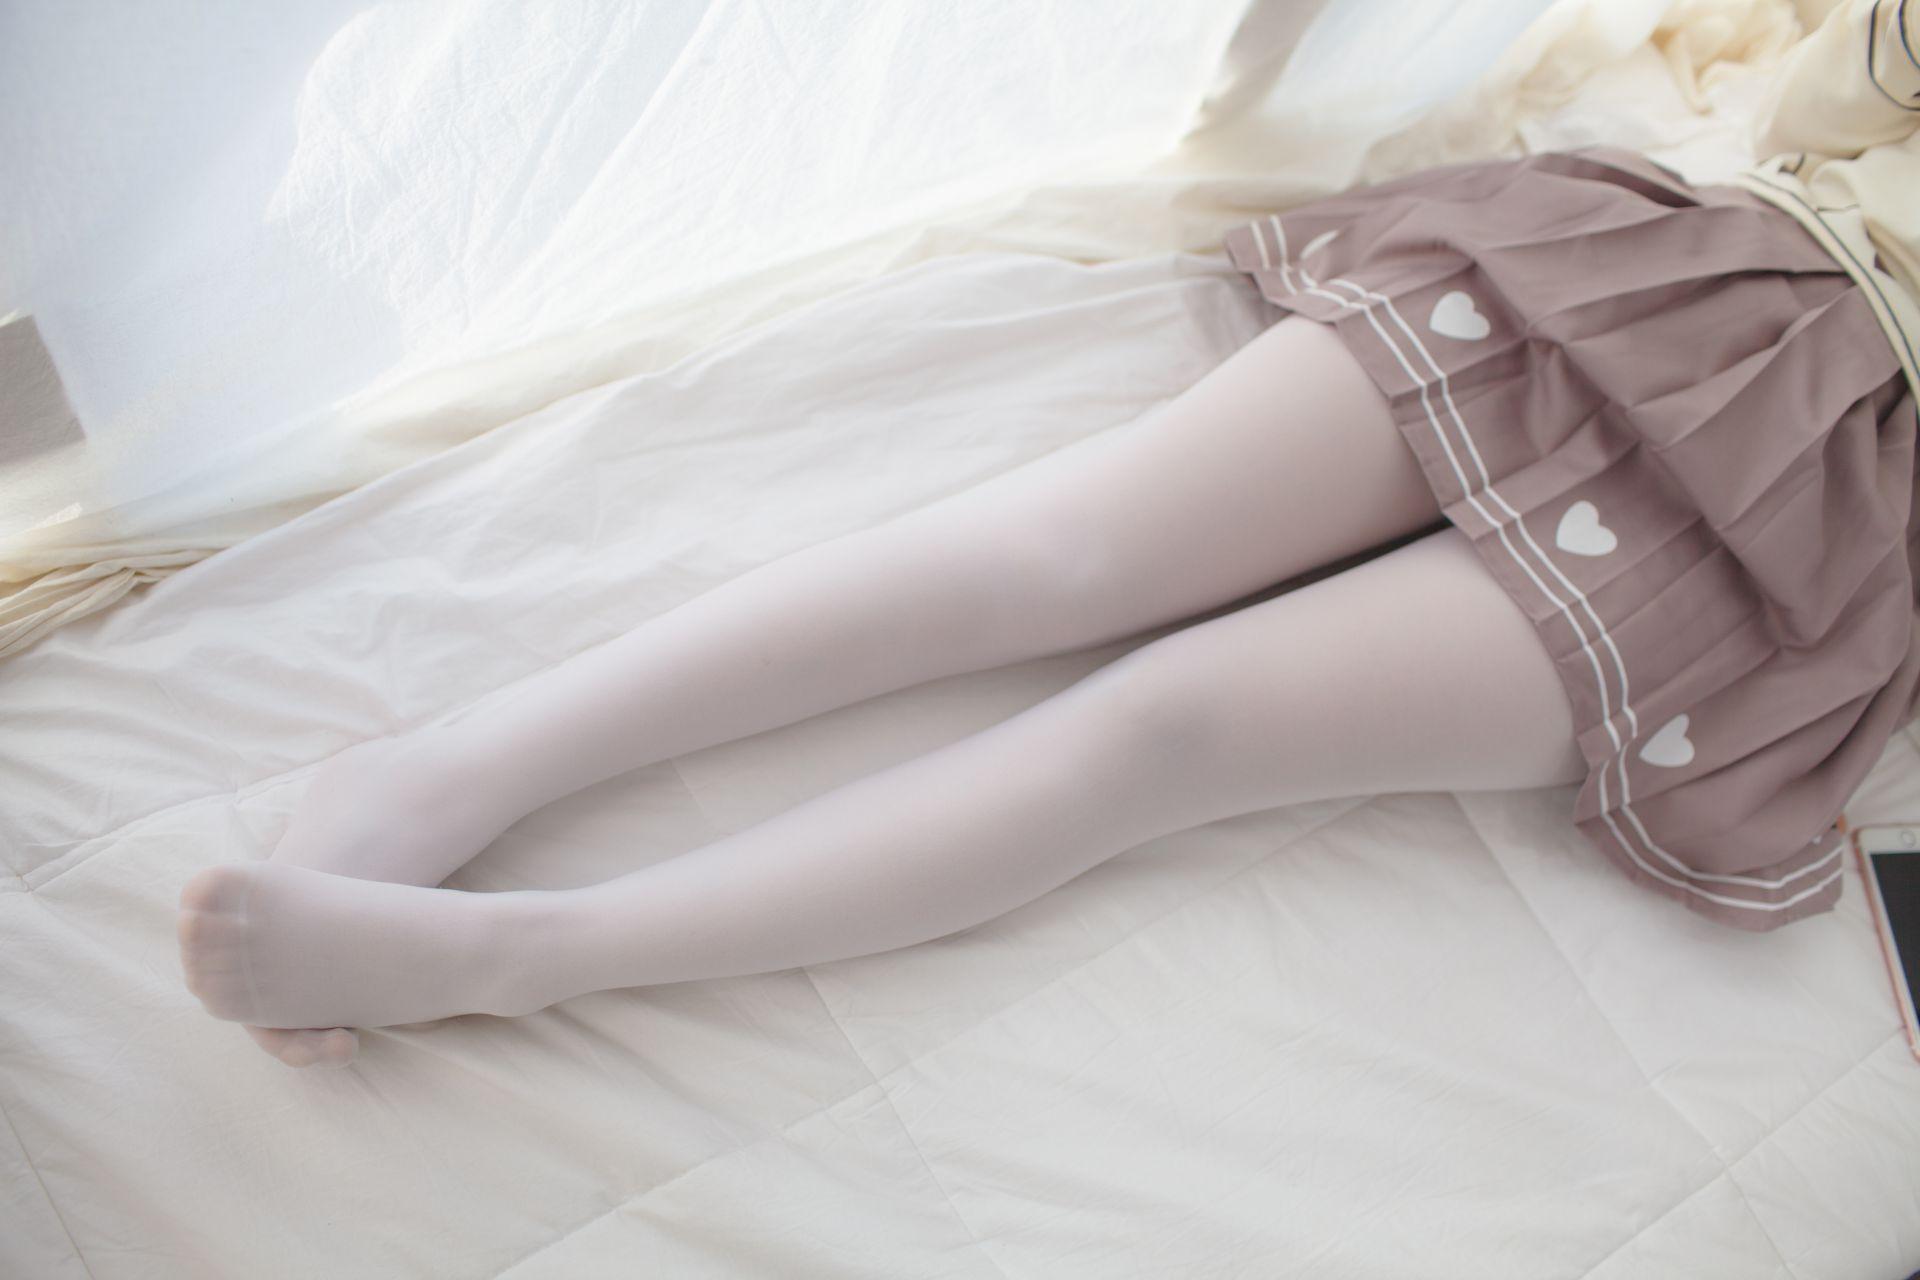 少女秩序 VOL.012 少女的丝足特写 兔玩映画 第18张